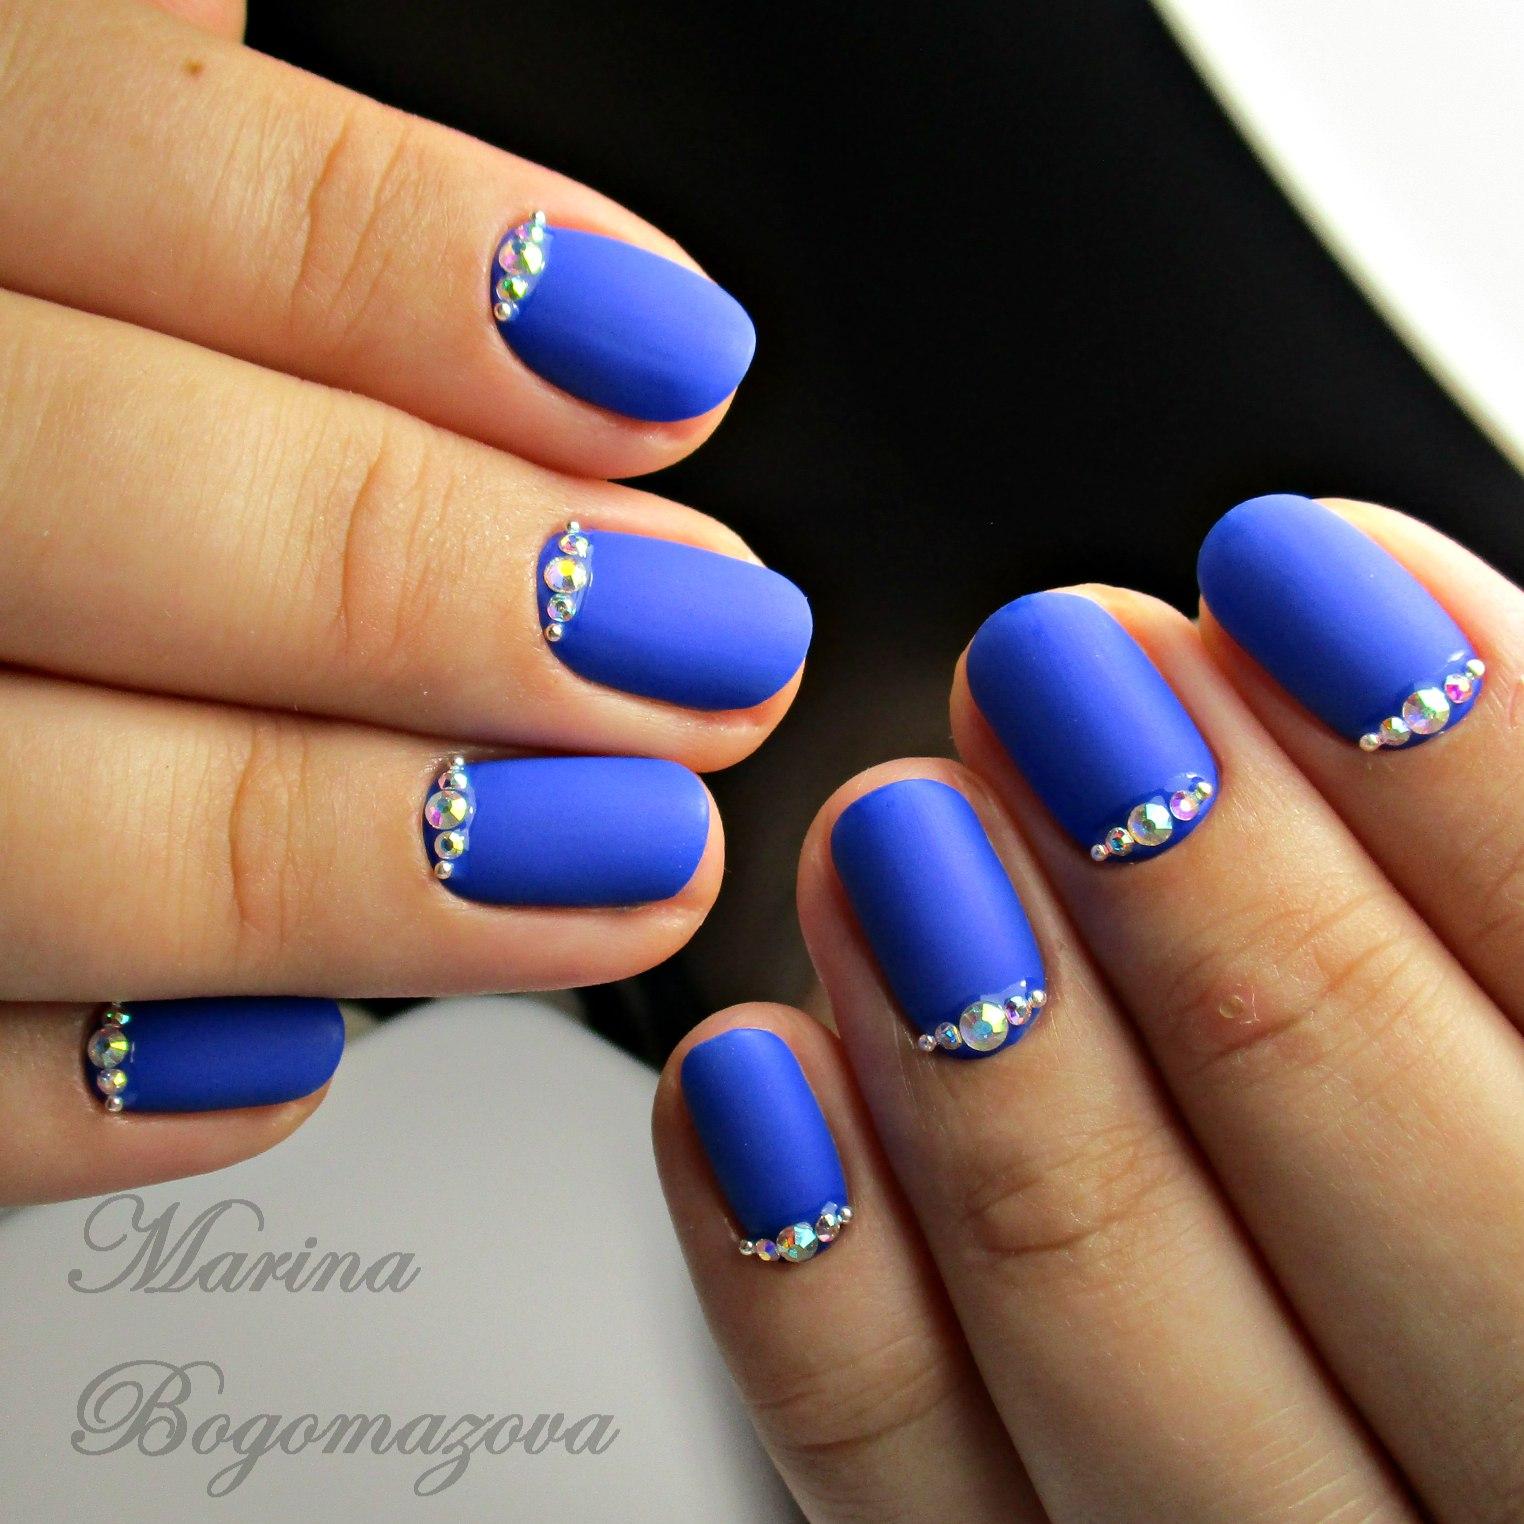 Идеи маникюра гель лаком синего цвета